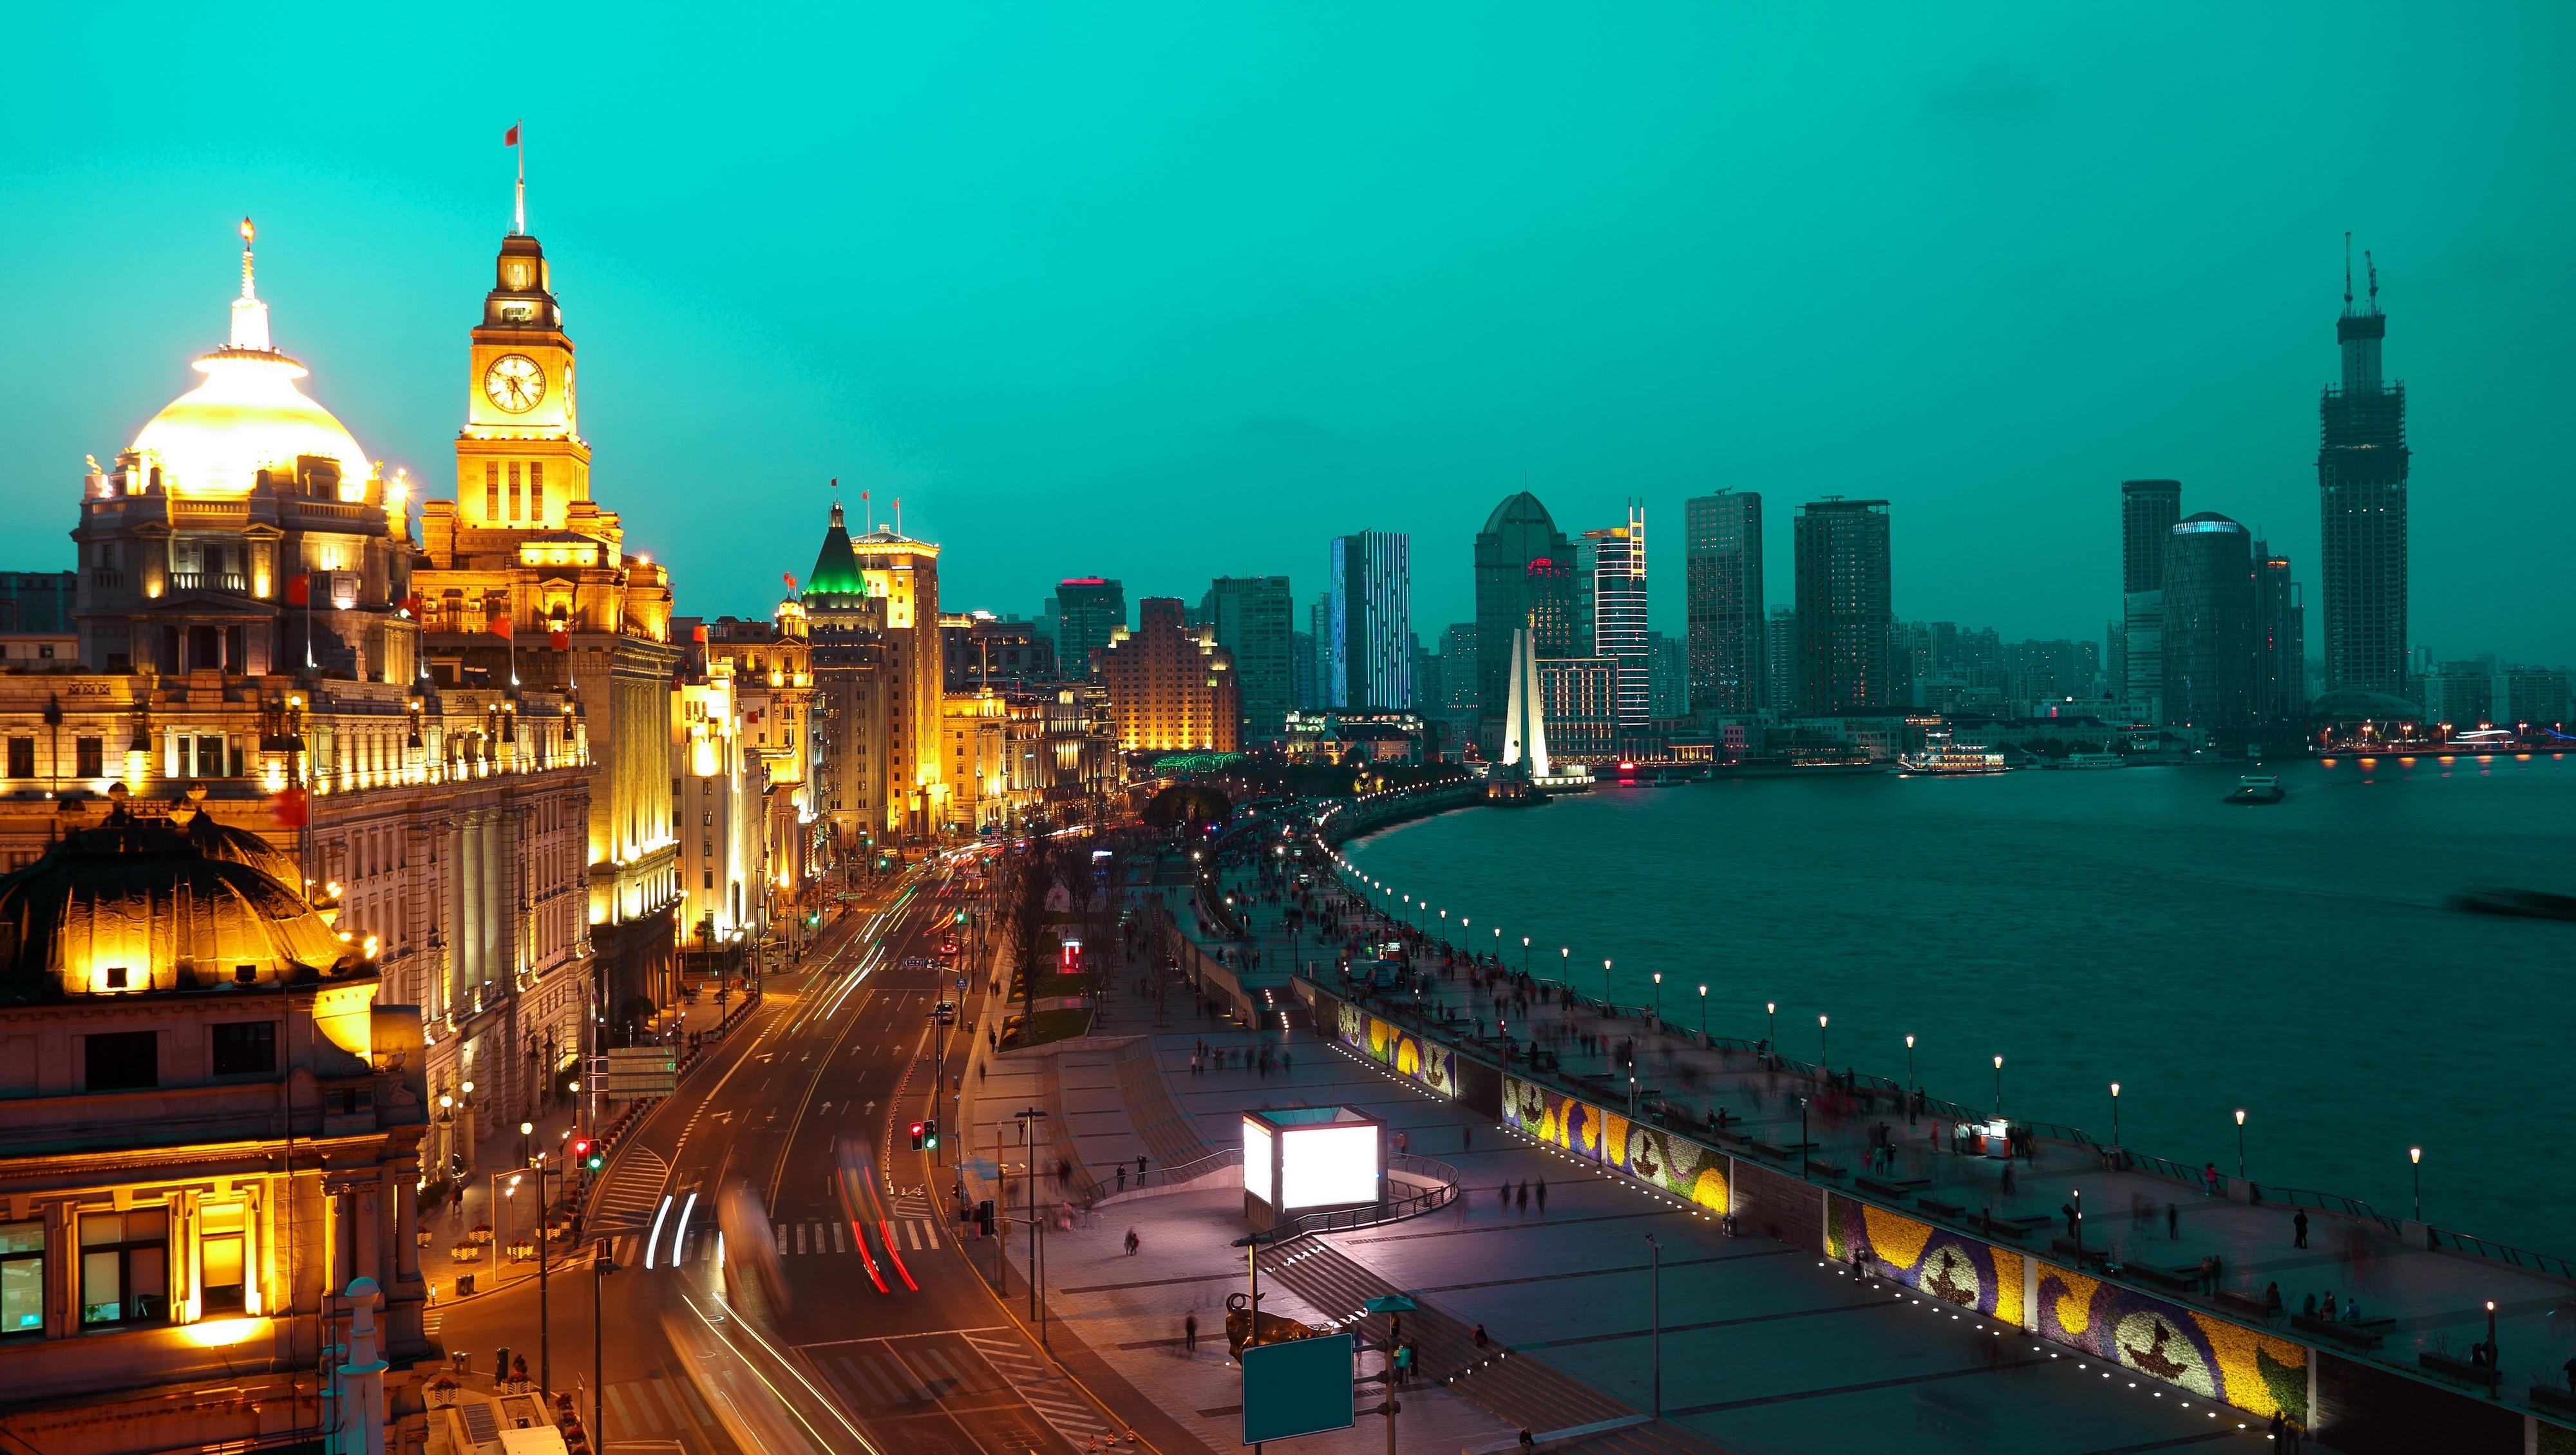 wallpaper shanghai - photo #16